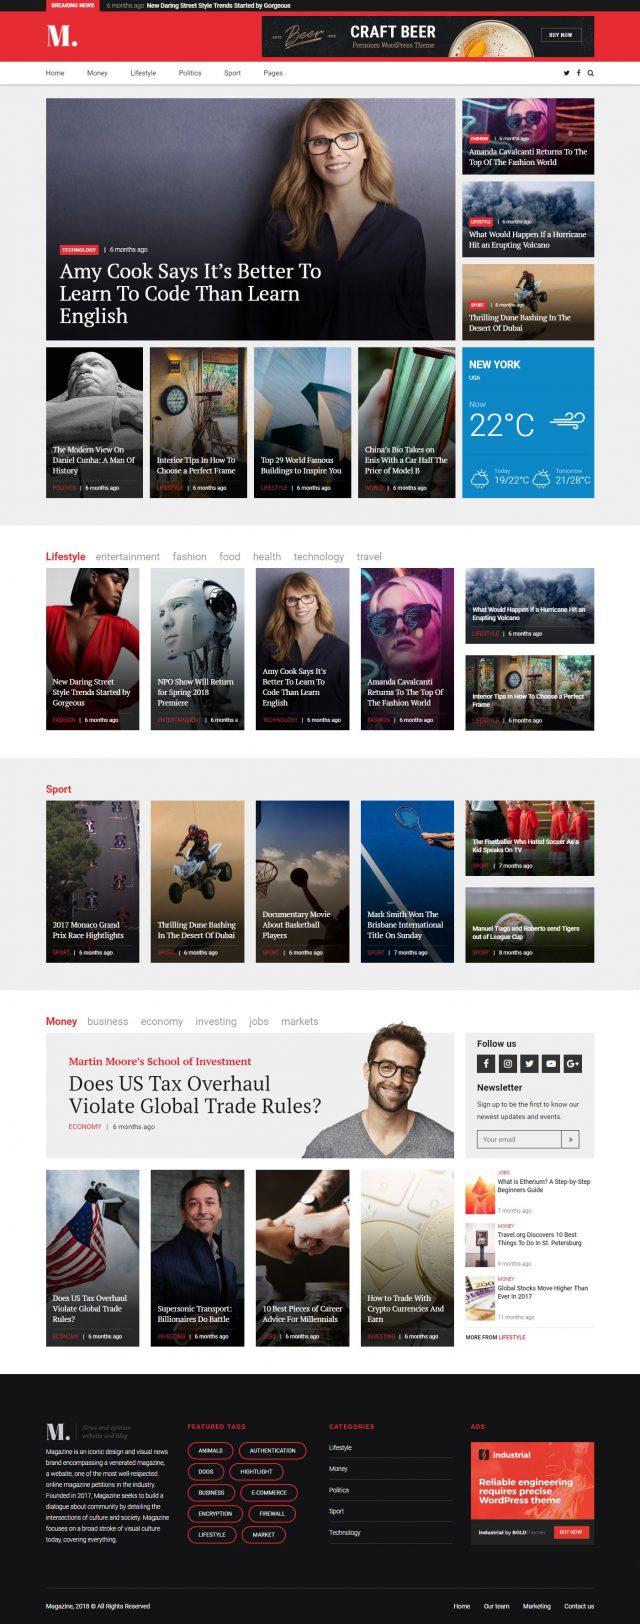 newstar wordpress theme magazine homepage layout 4